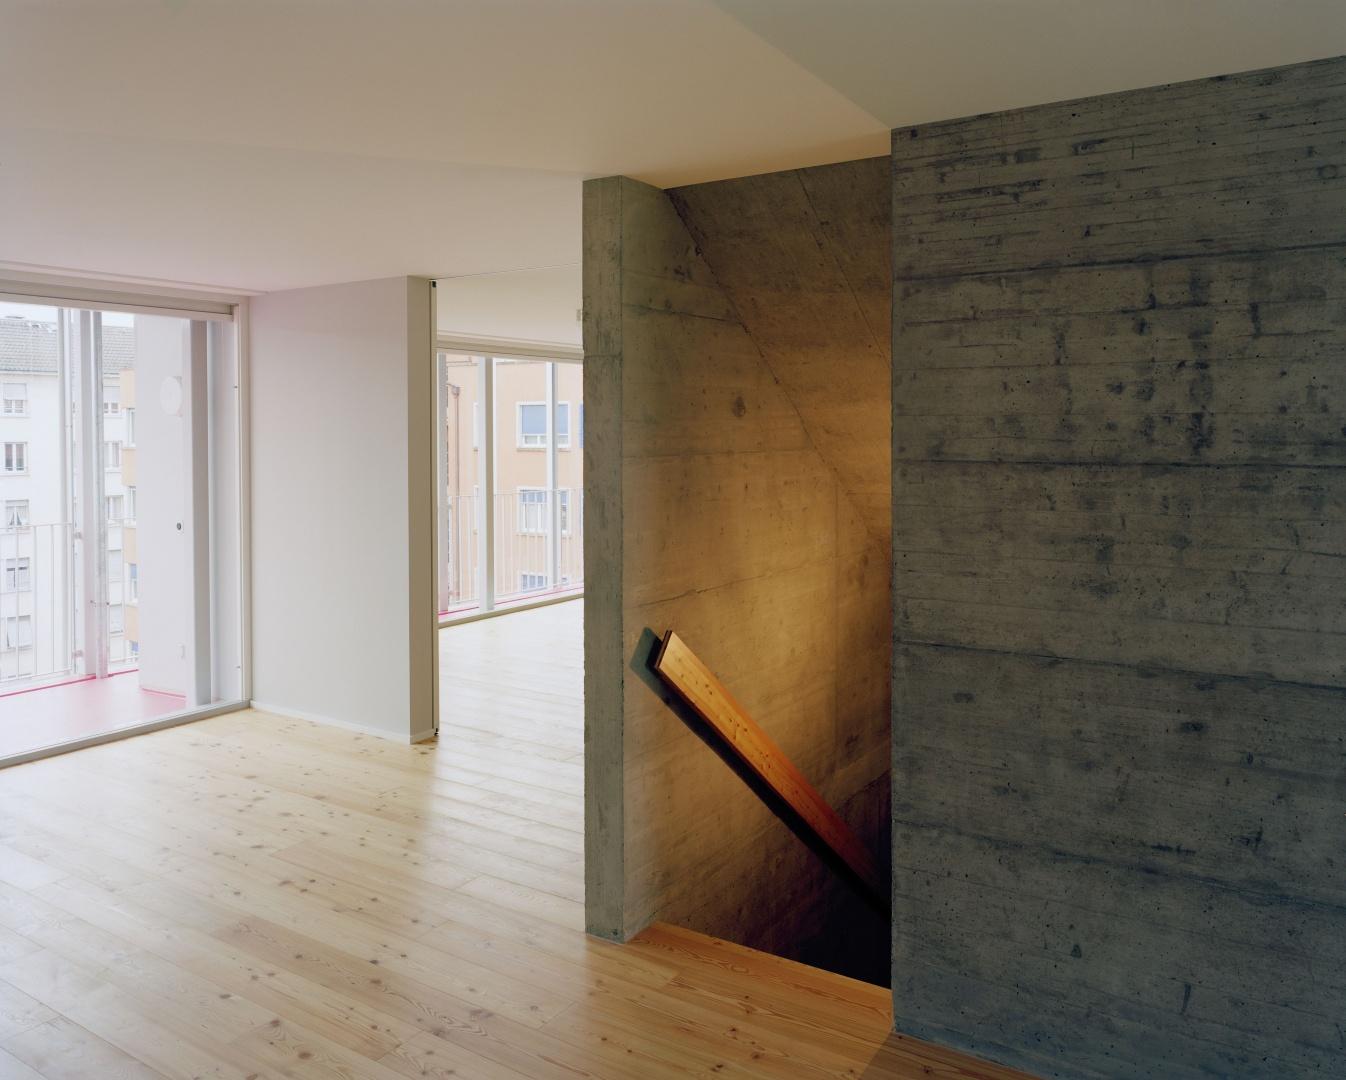 6e étage maisonette: halle, escalier, maisonette © Joël Tettamanti